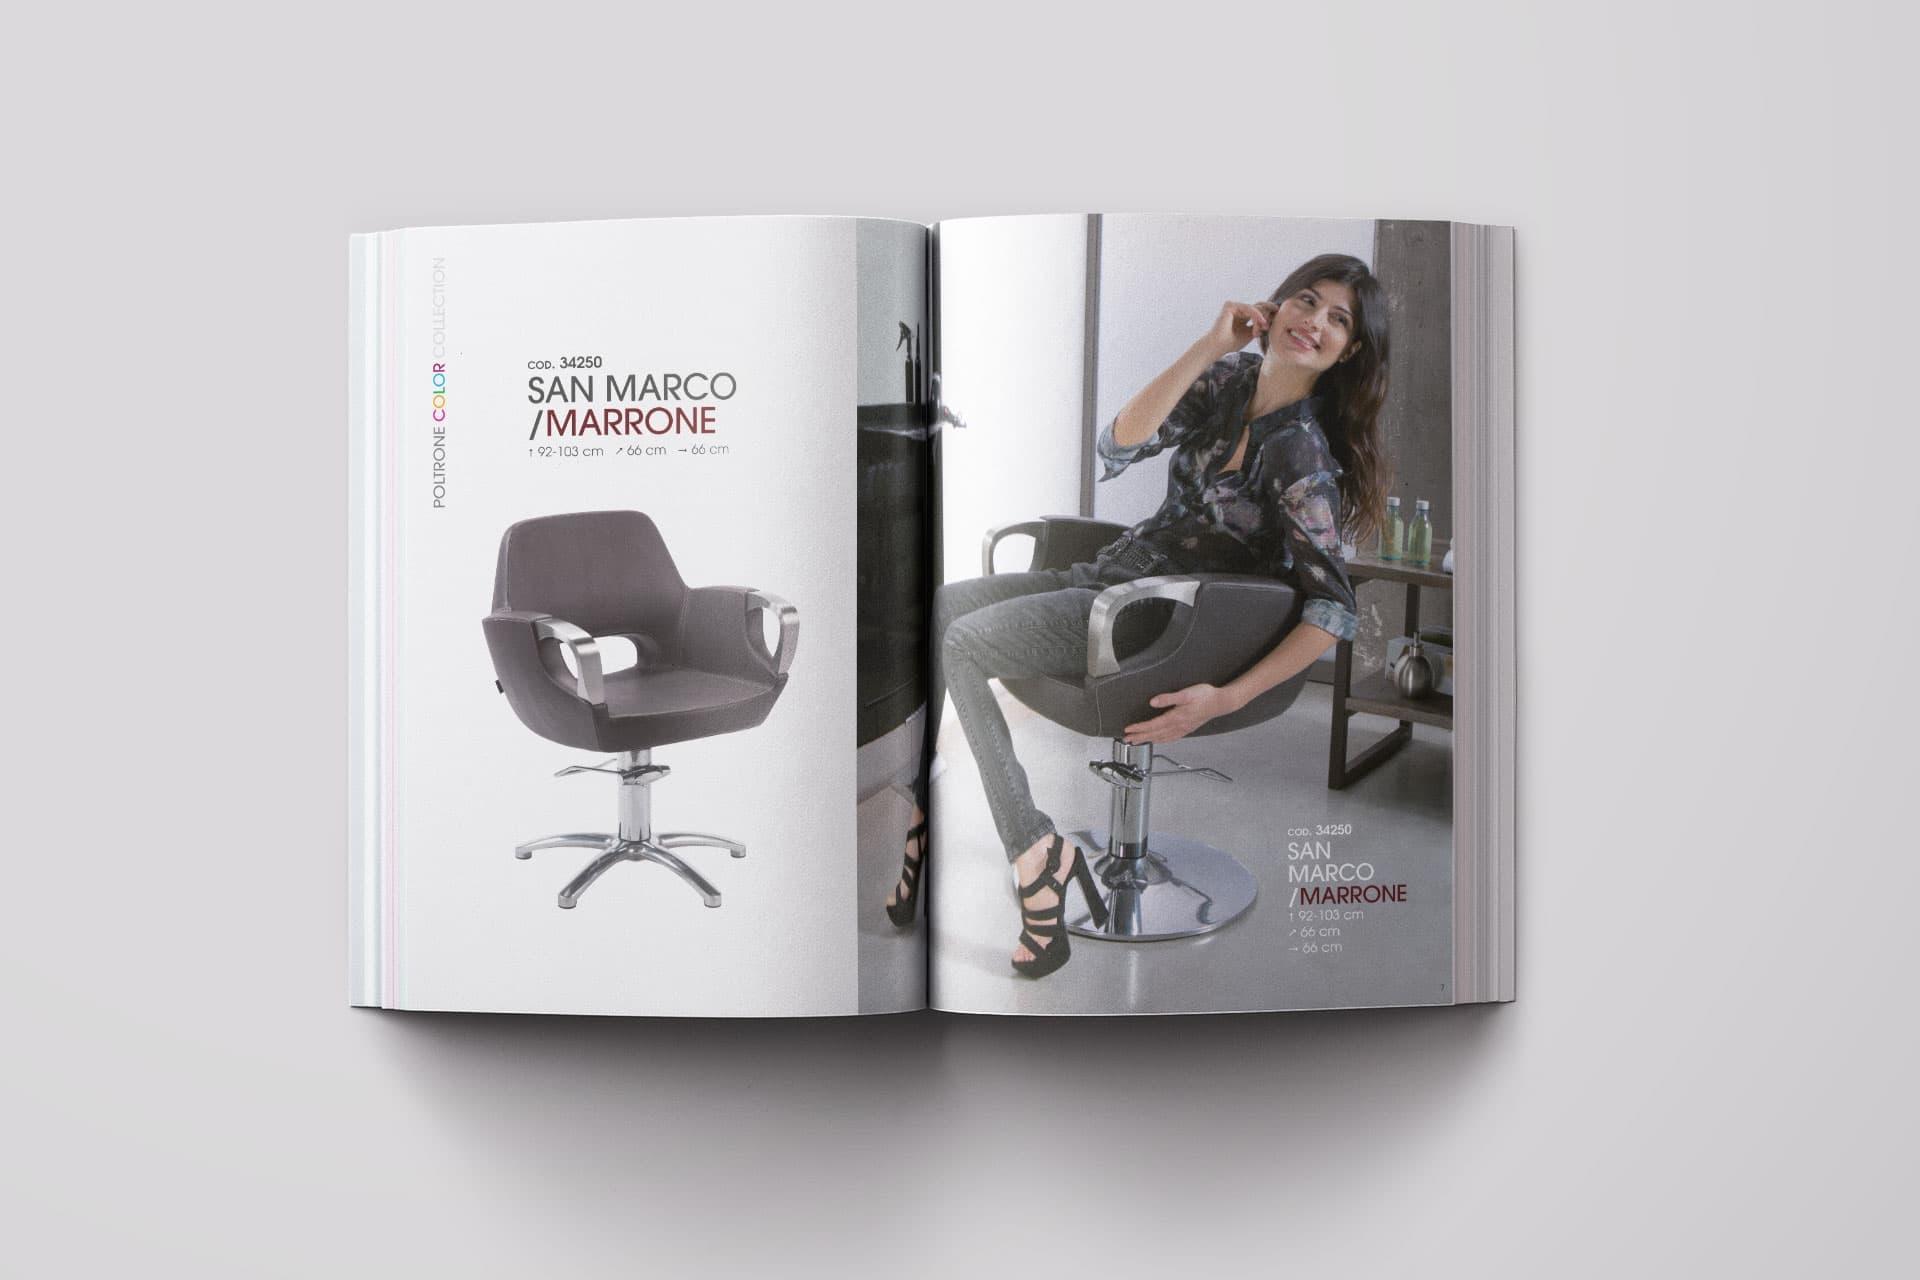 Salonitaly - Un brand Maletti